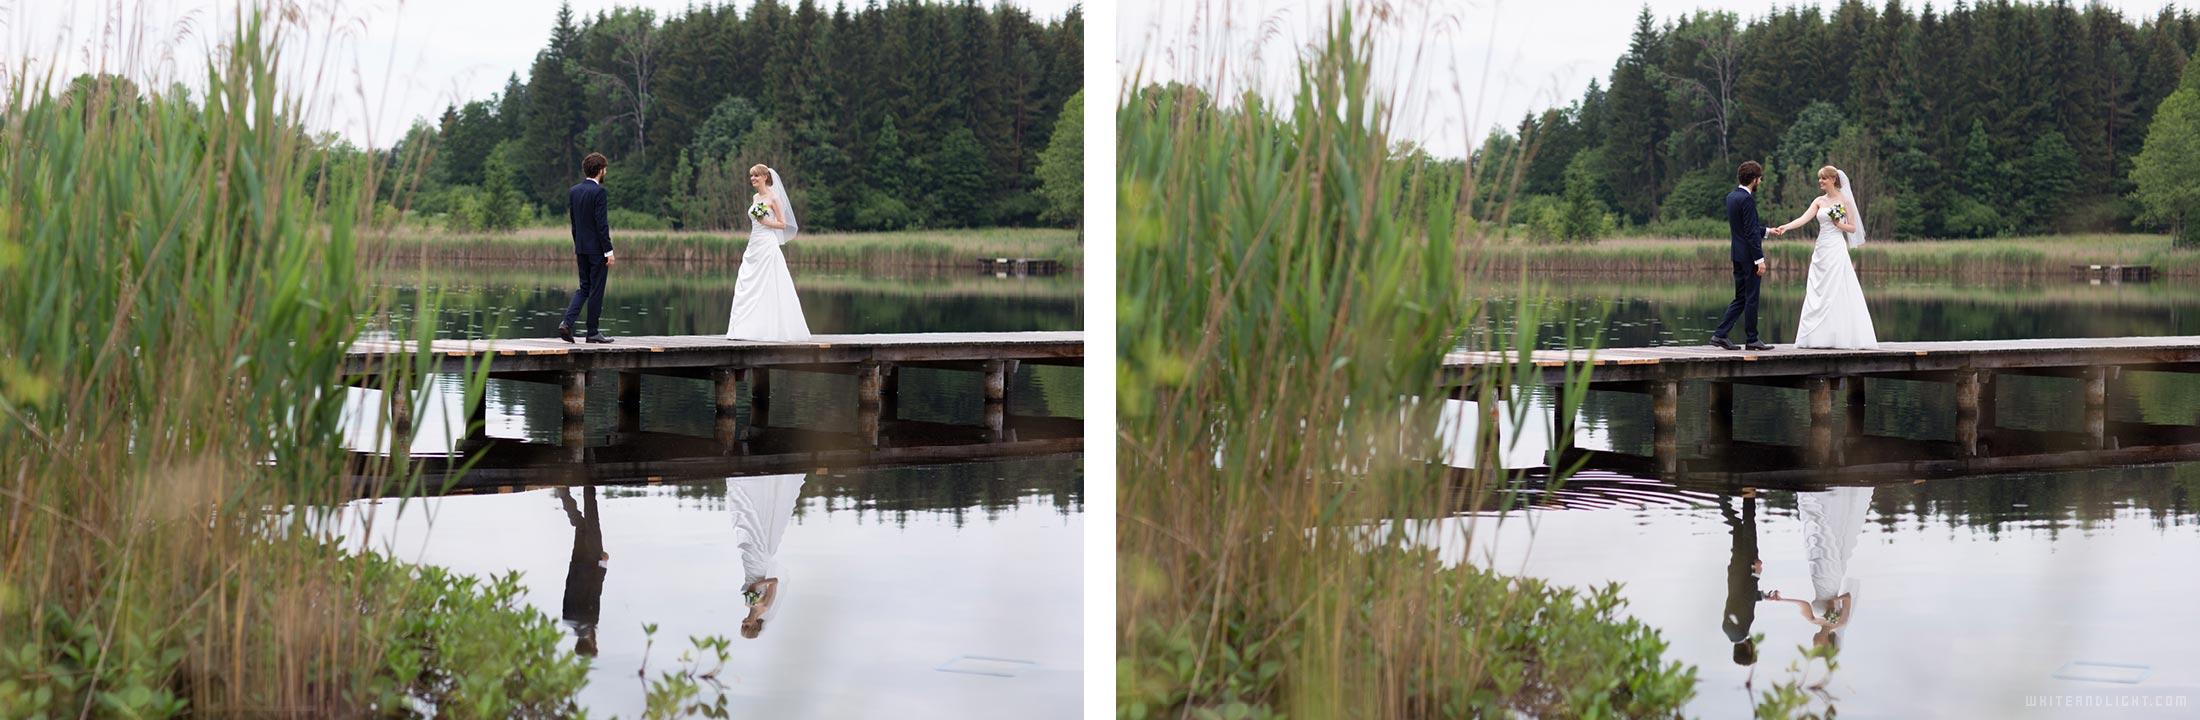 позы для свадебных фото